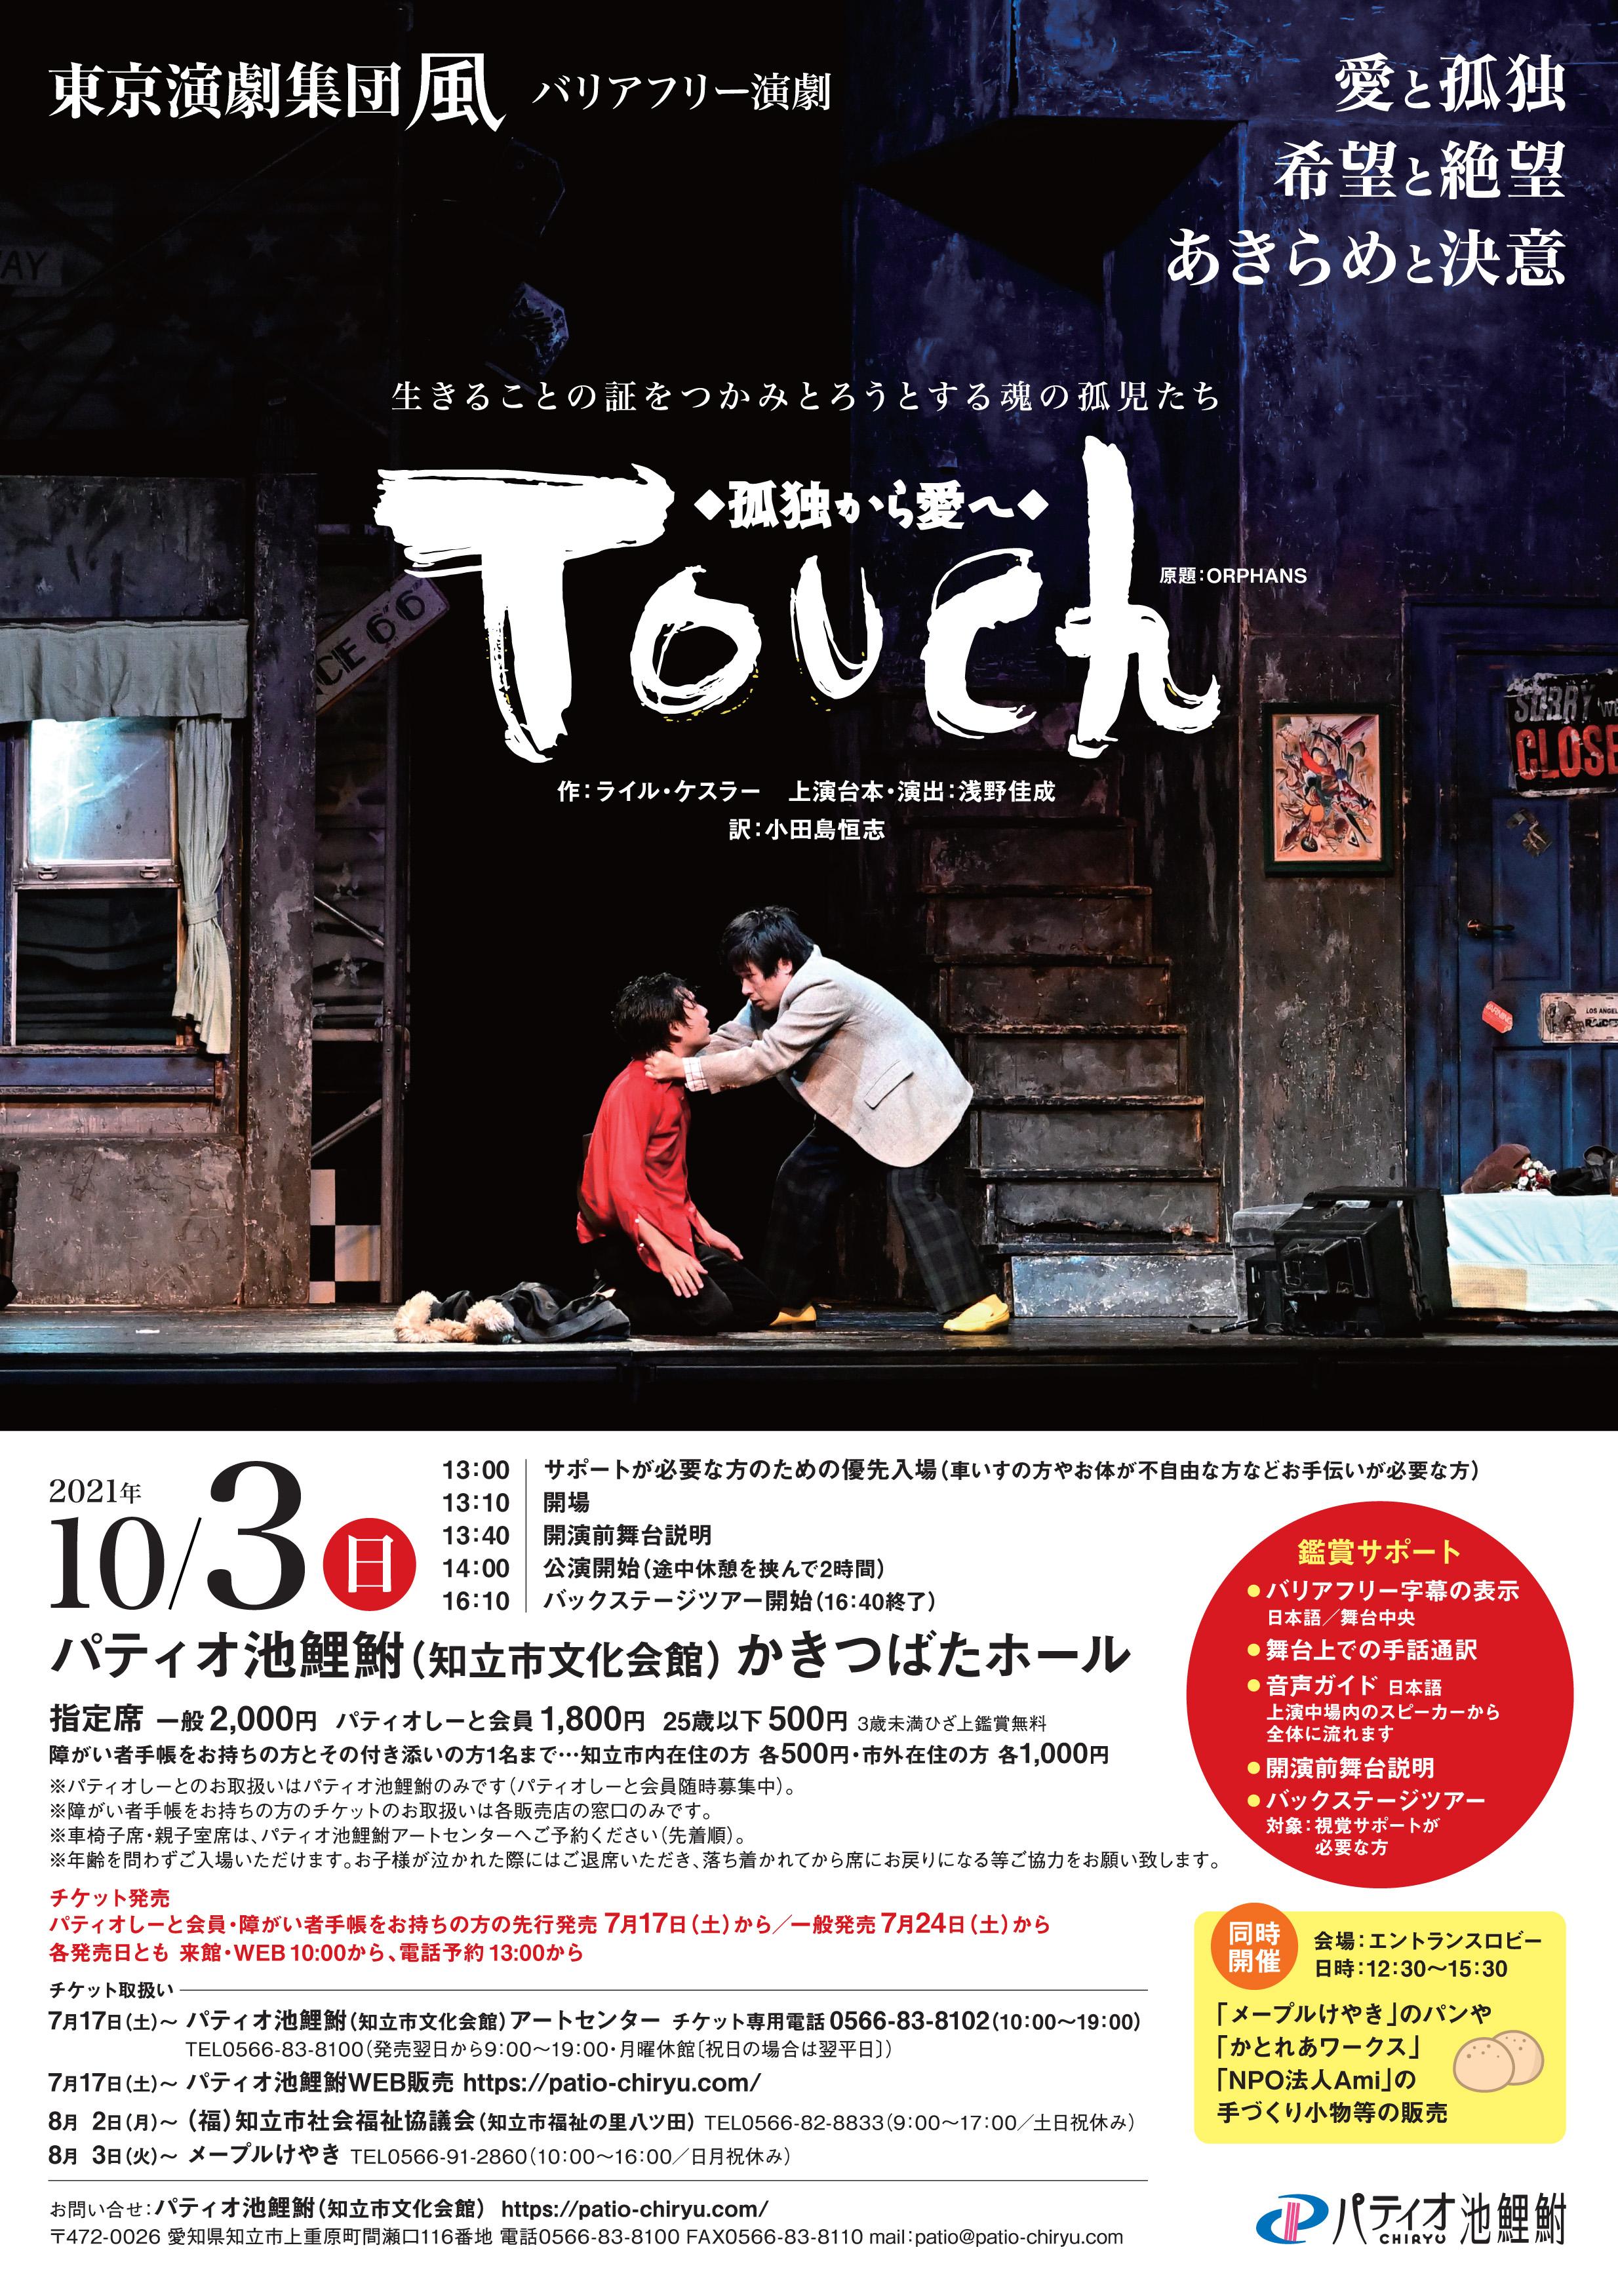 東京演劇集団風 バリアフリー演劇『Touch~孤独から愛へ』